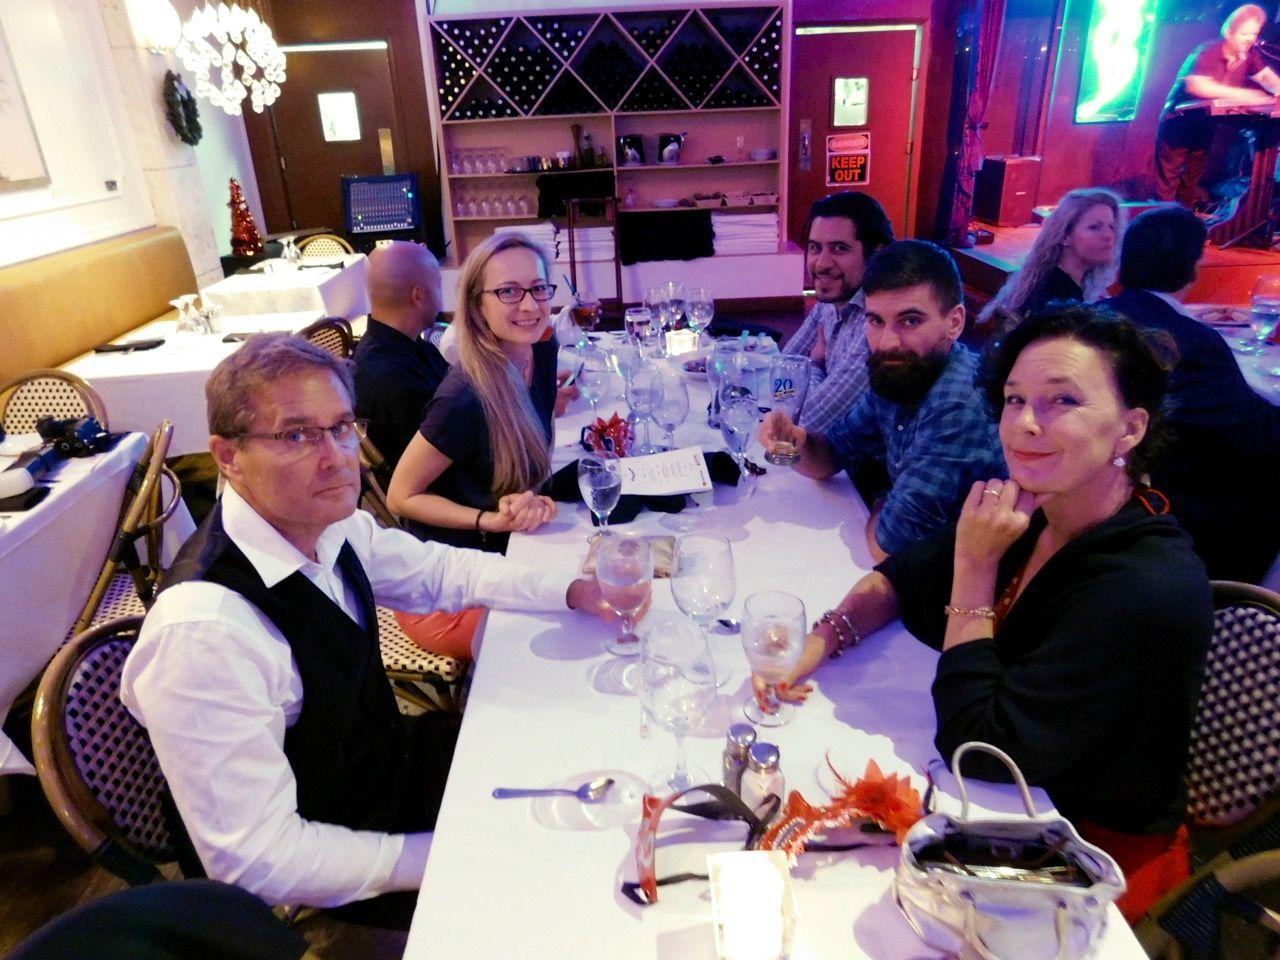 Chambre de commerce quebec ccqf floride soiree noel 2017 for Chambre de commerce quebec